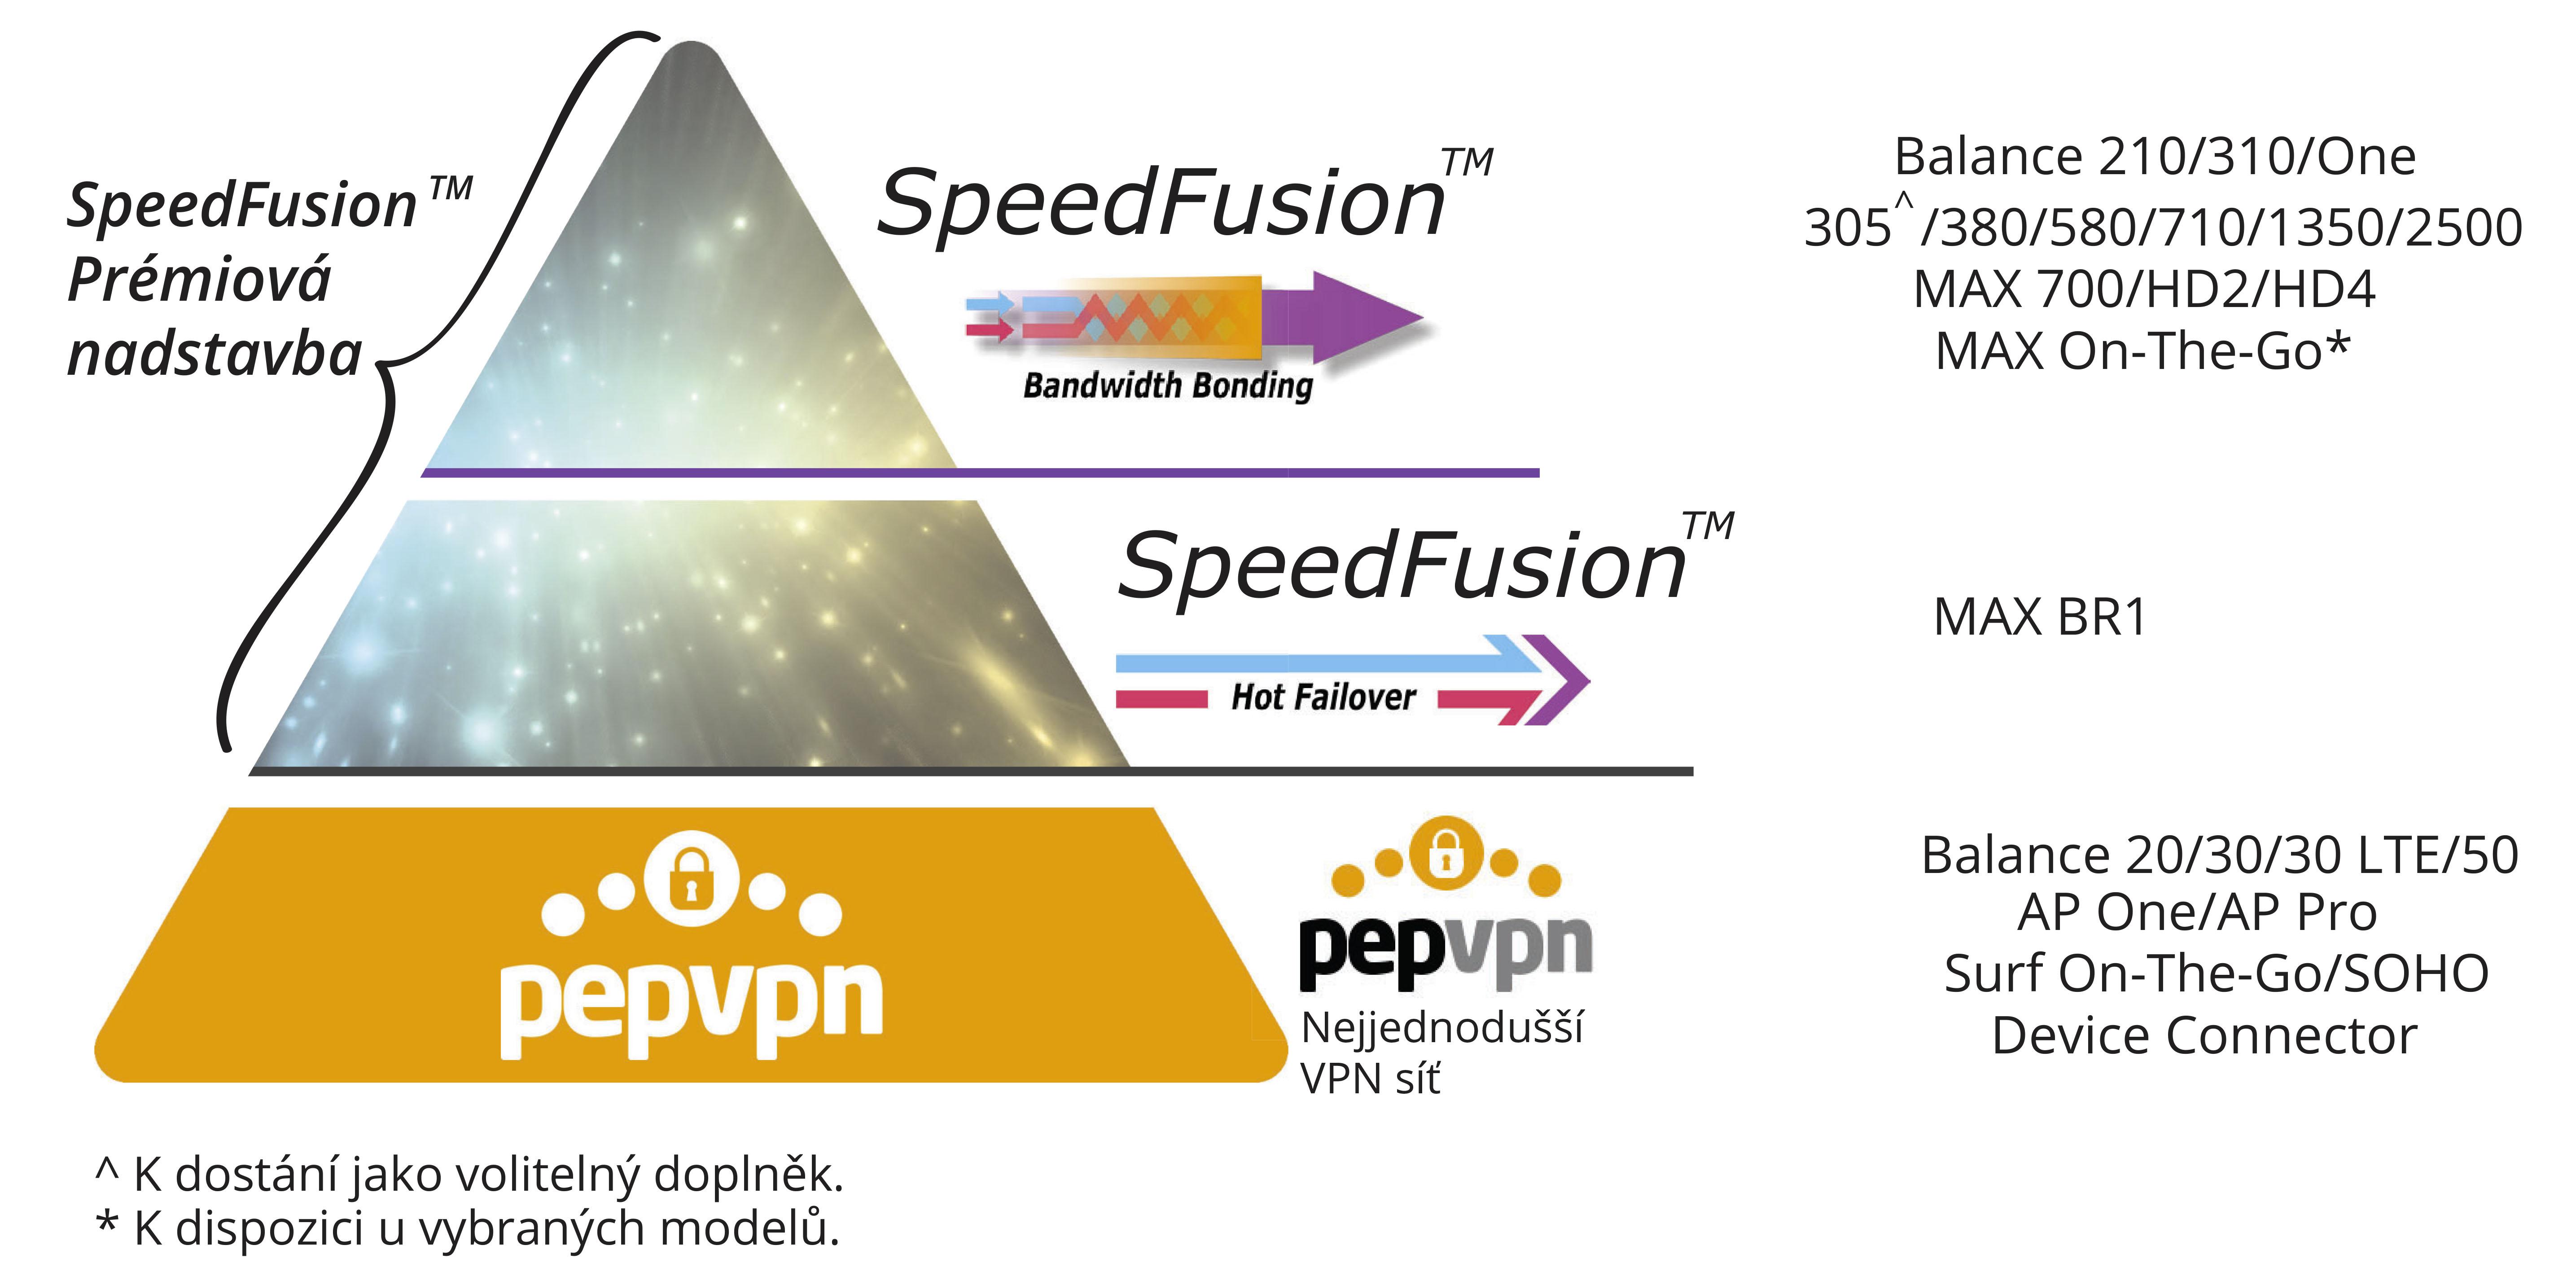 Nepřerušitelná VPN. Bezkonkurenční výkon.